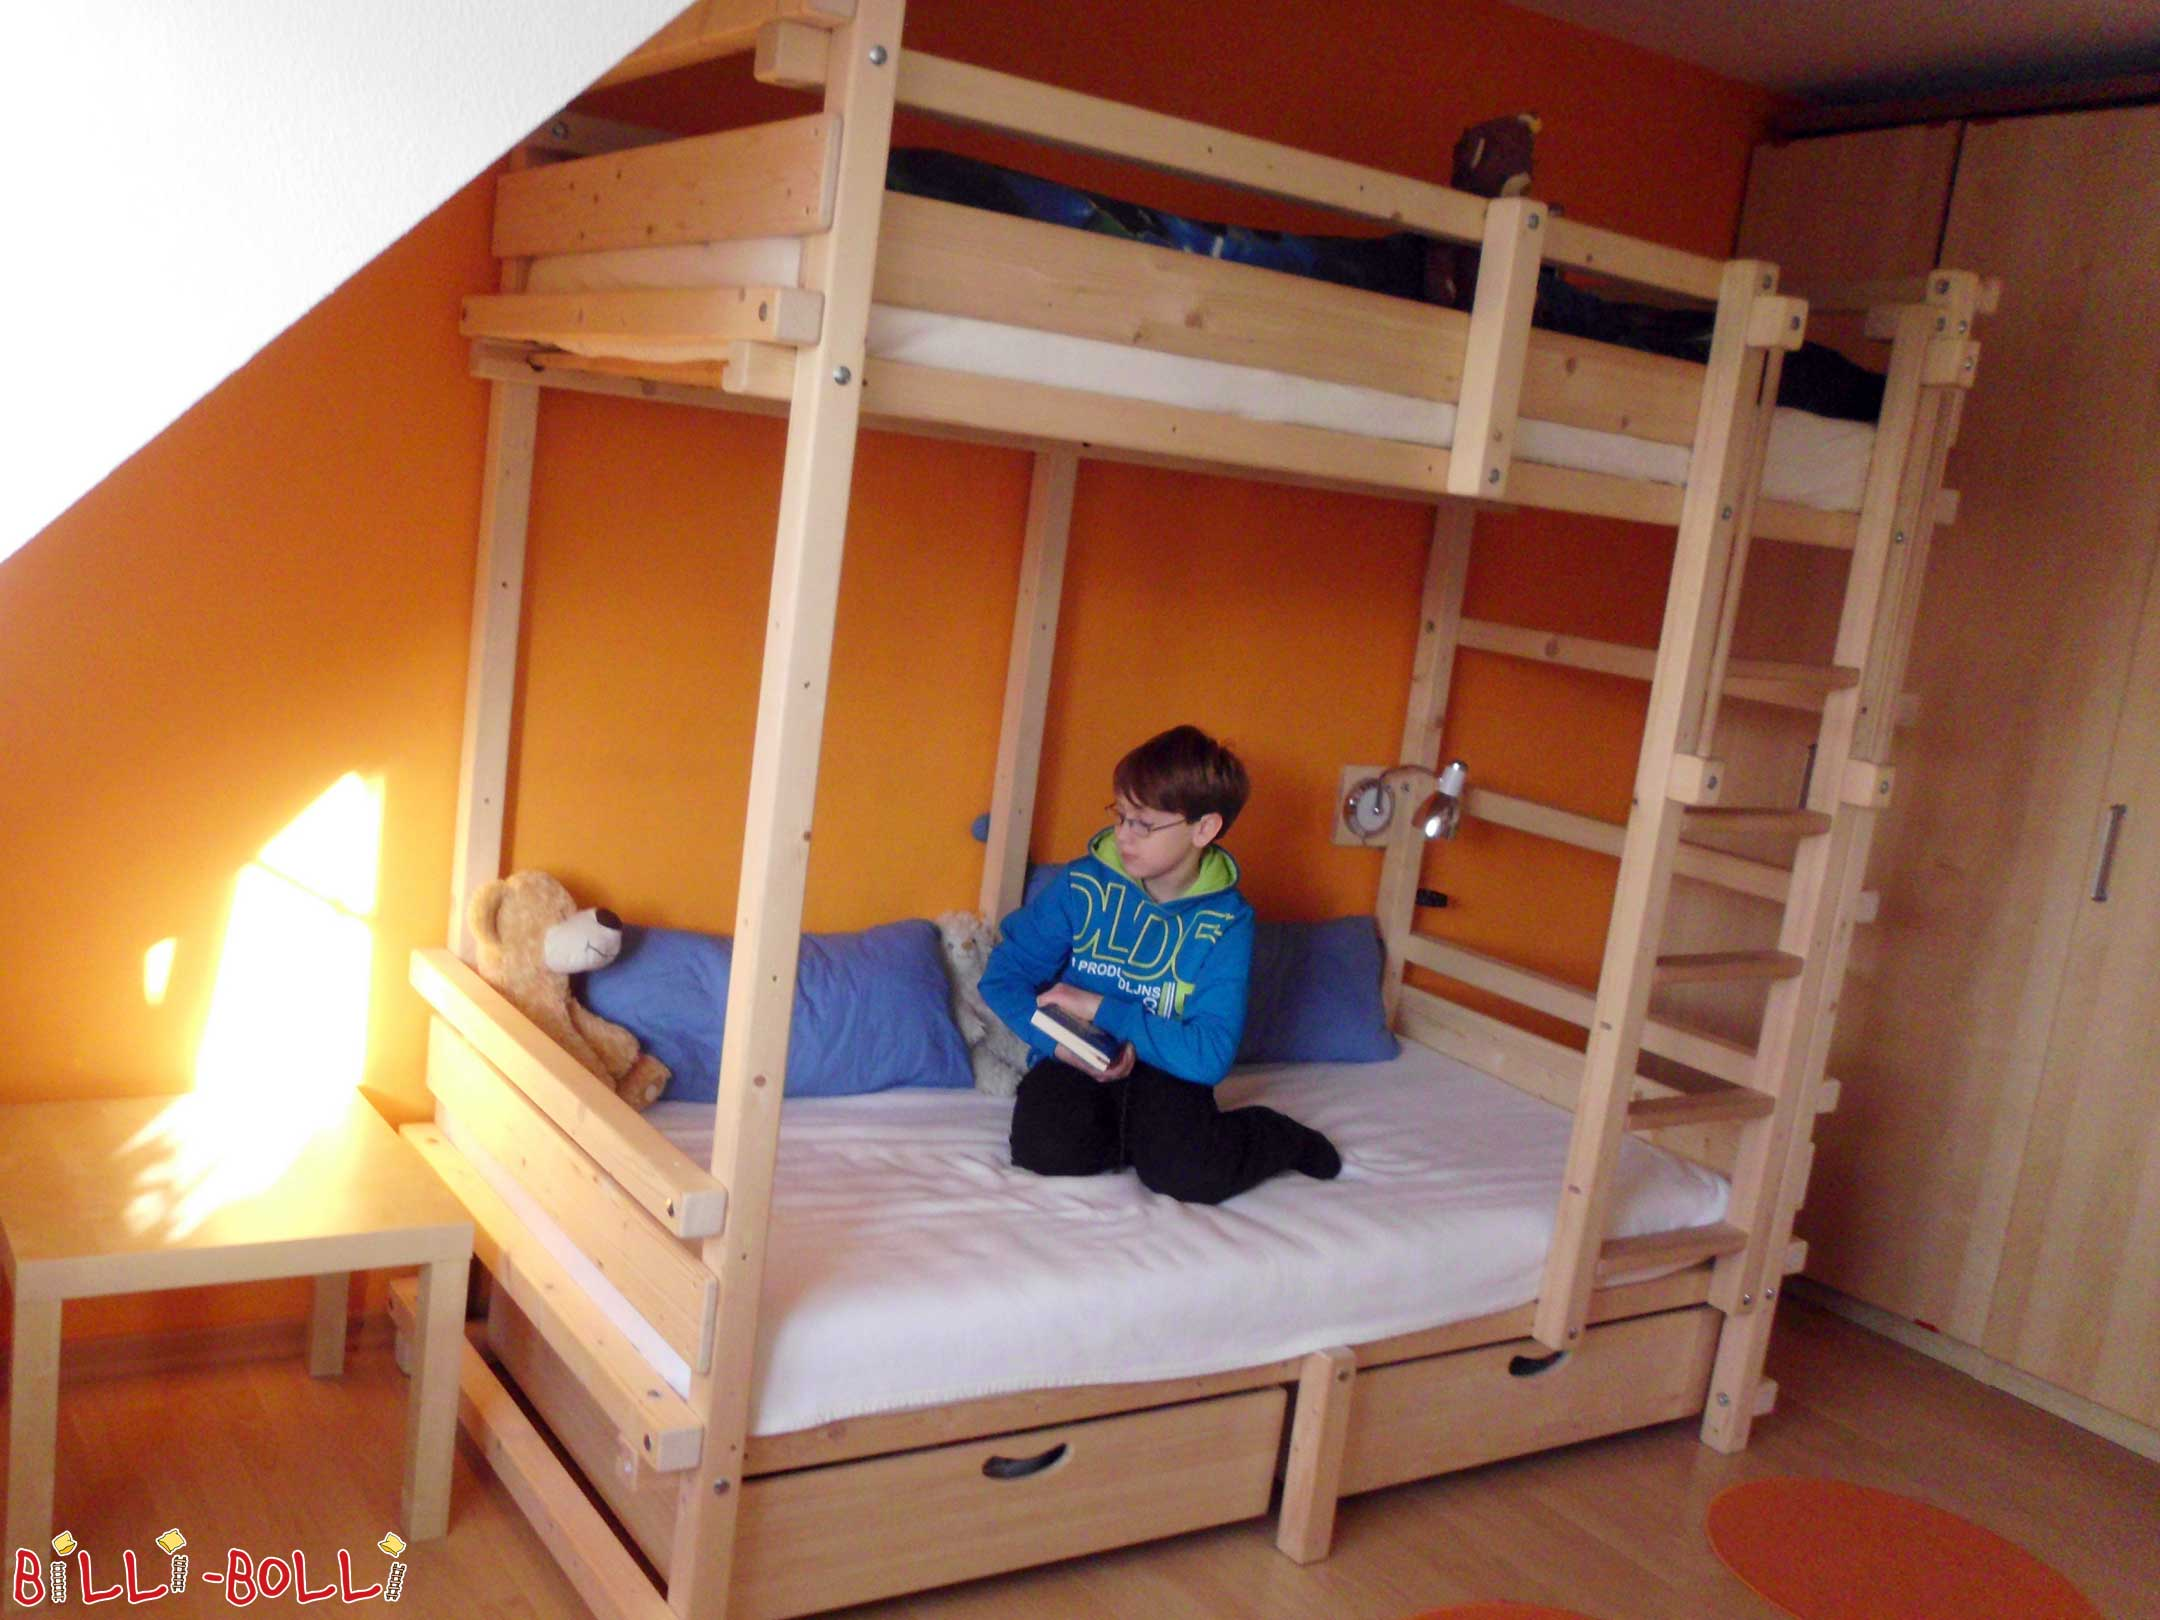 Letti A Castello Per Bambini Economici : Letto a castello per ragazzi mobili per bambini da billi bolli